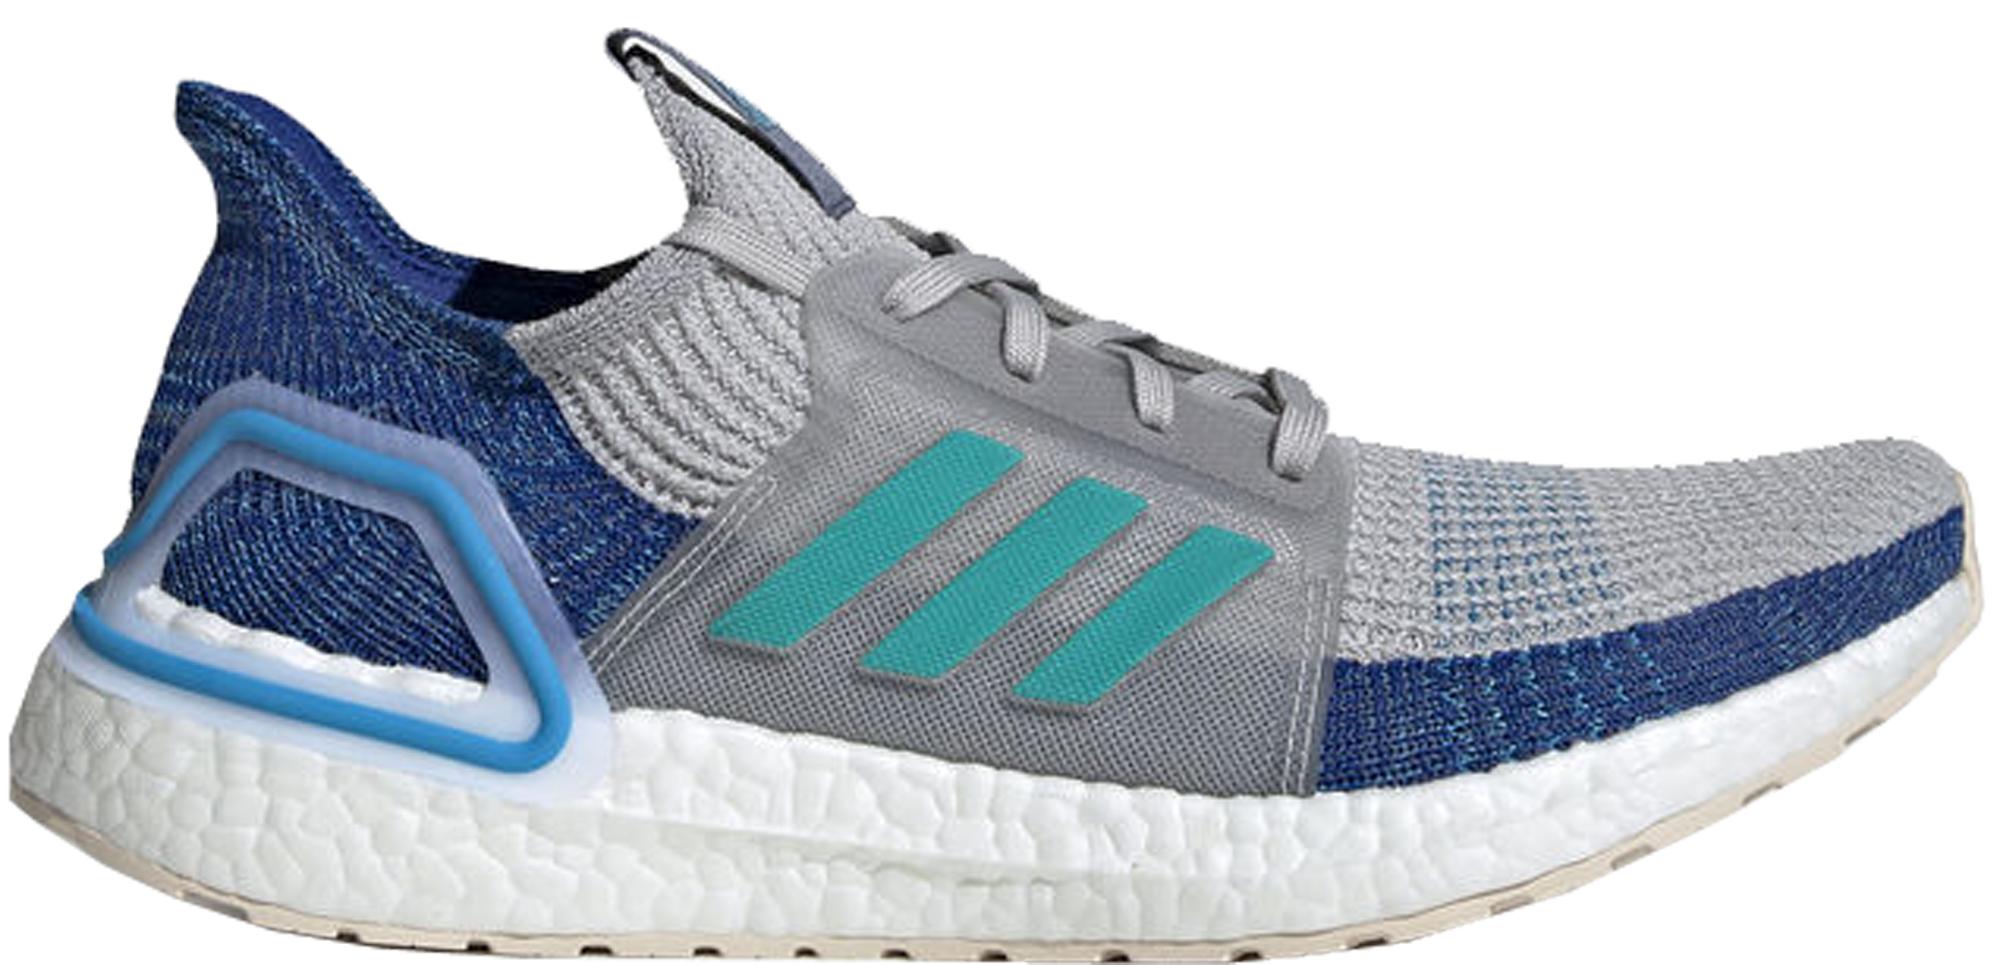 adidas Ultra Boost 2019 Grey Two Shock Cyan